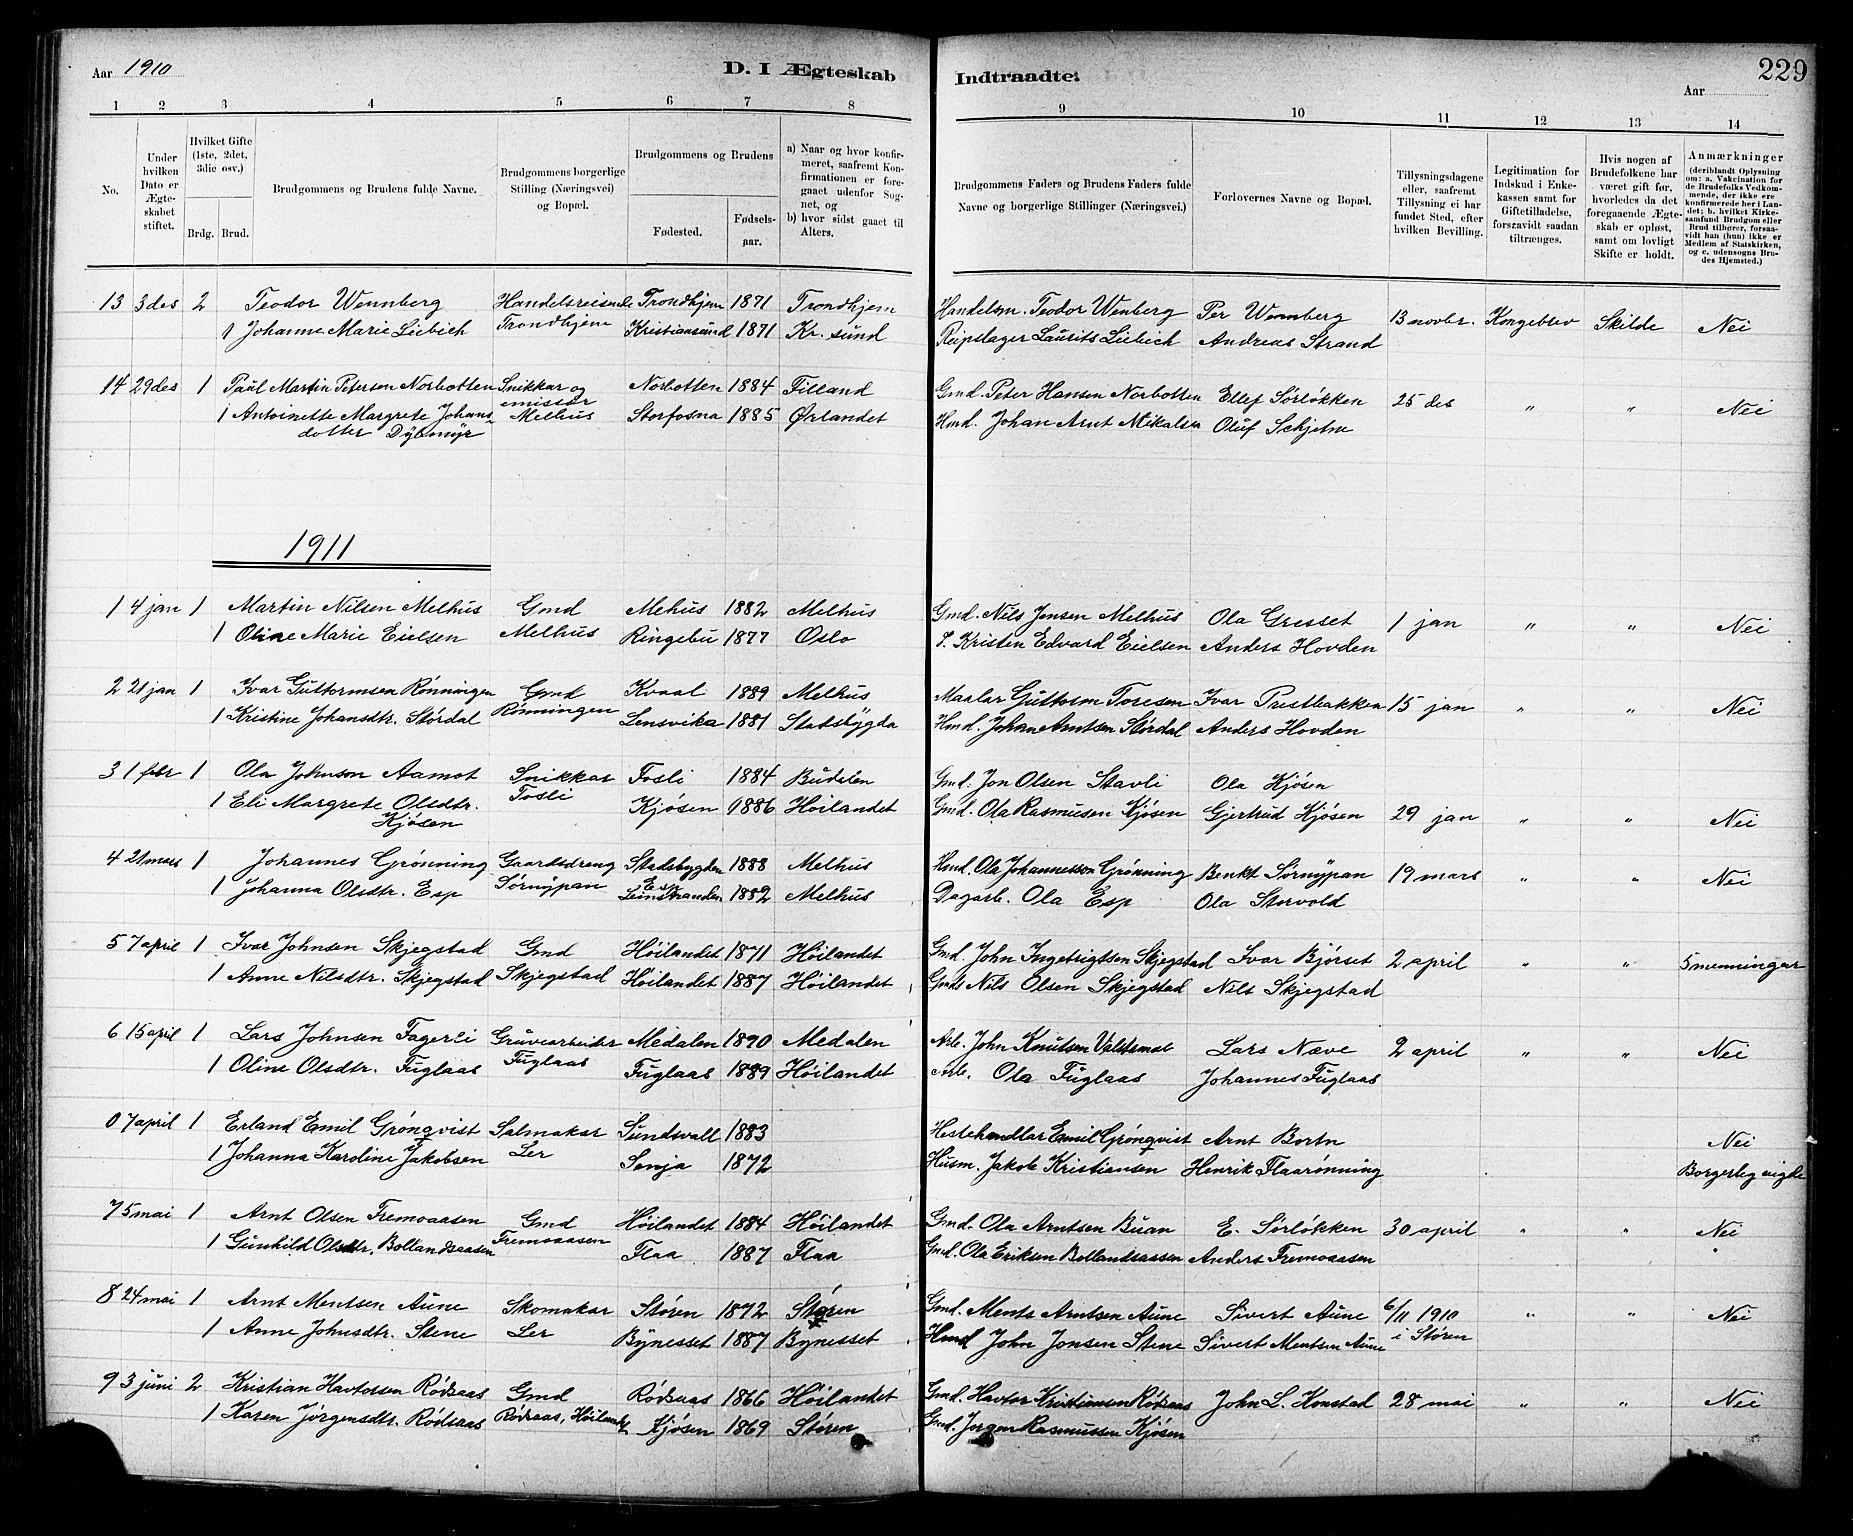 SAT, Ministerialprotokoller, klokkerbøker og fødselsregistre - Sør-Trøndelag, 691/L1094: Klokkerbok nr. 691C05, 1879-1911, s. 229